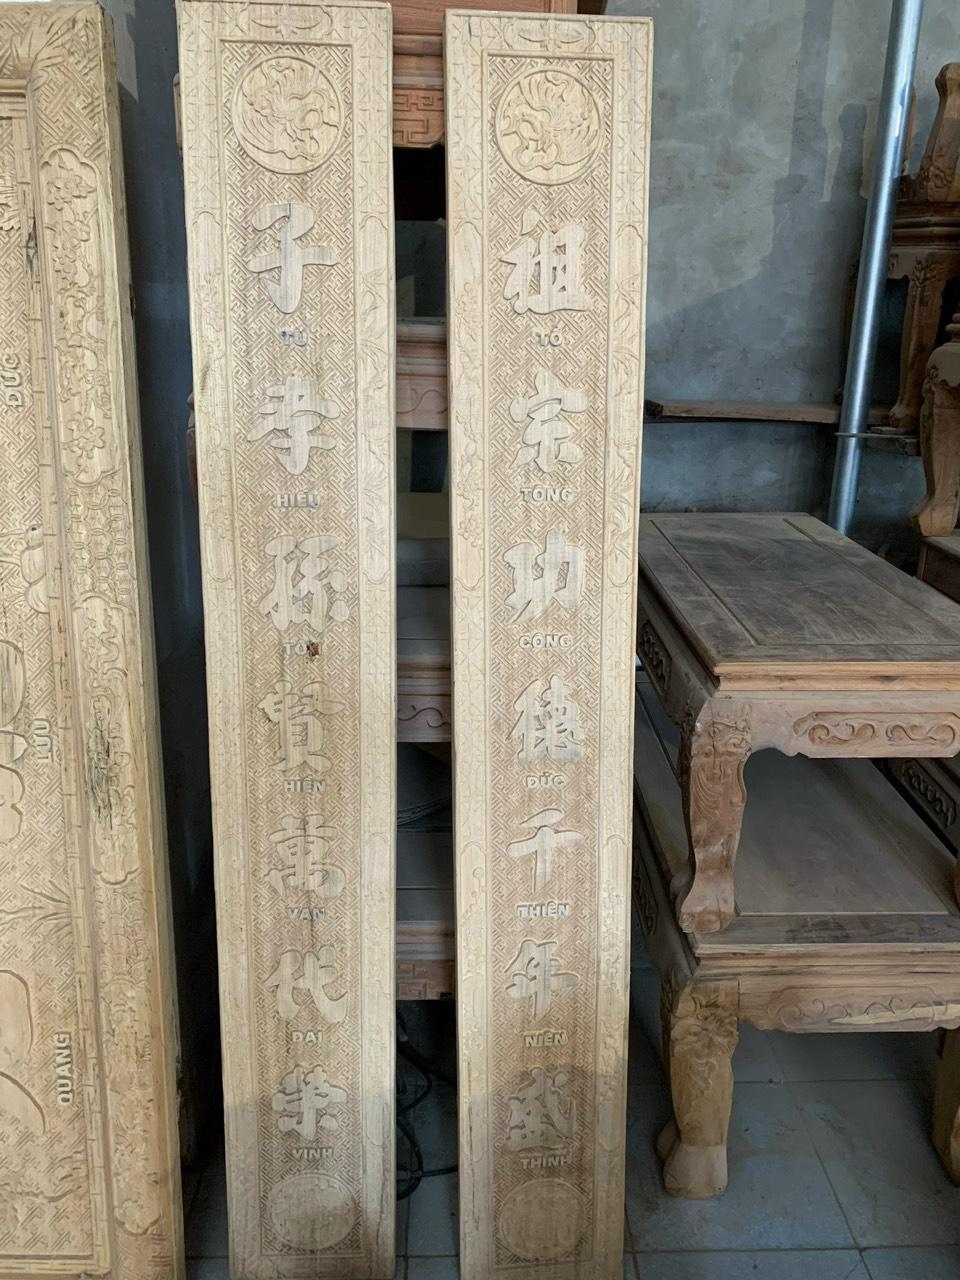 bao gia hoanh phi cau doi go gu - Vì sao nên chọn hoành phi câu đối gỗ gụ cho bàn thờ gia tiên?